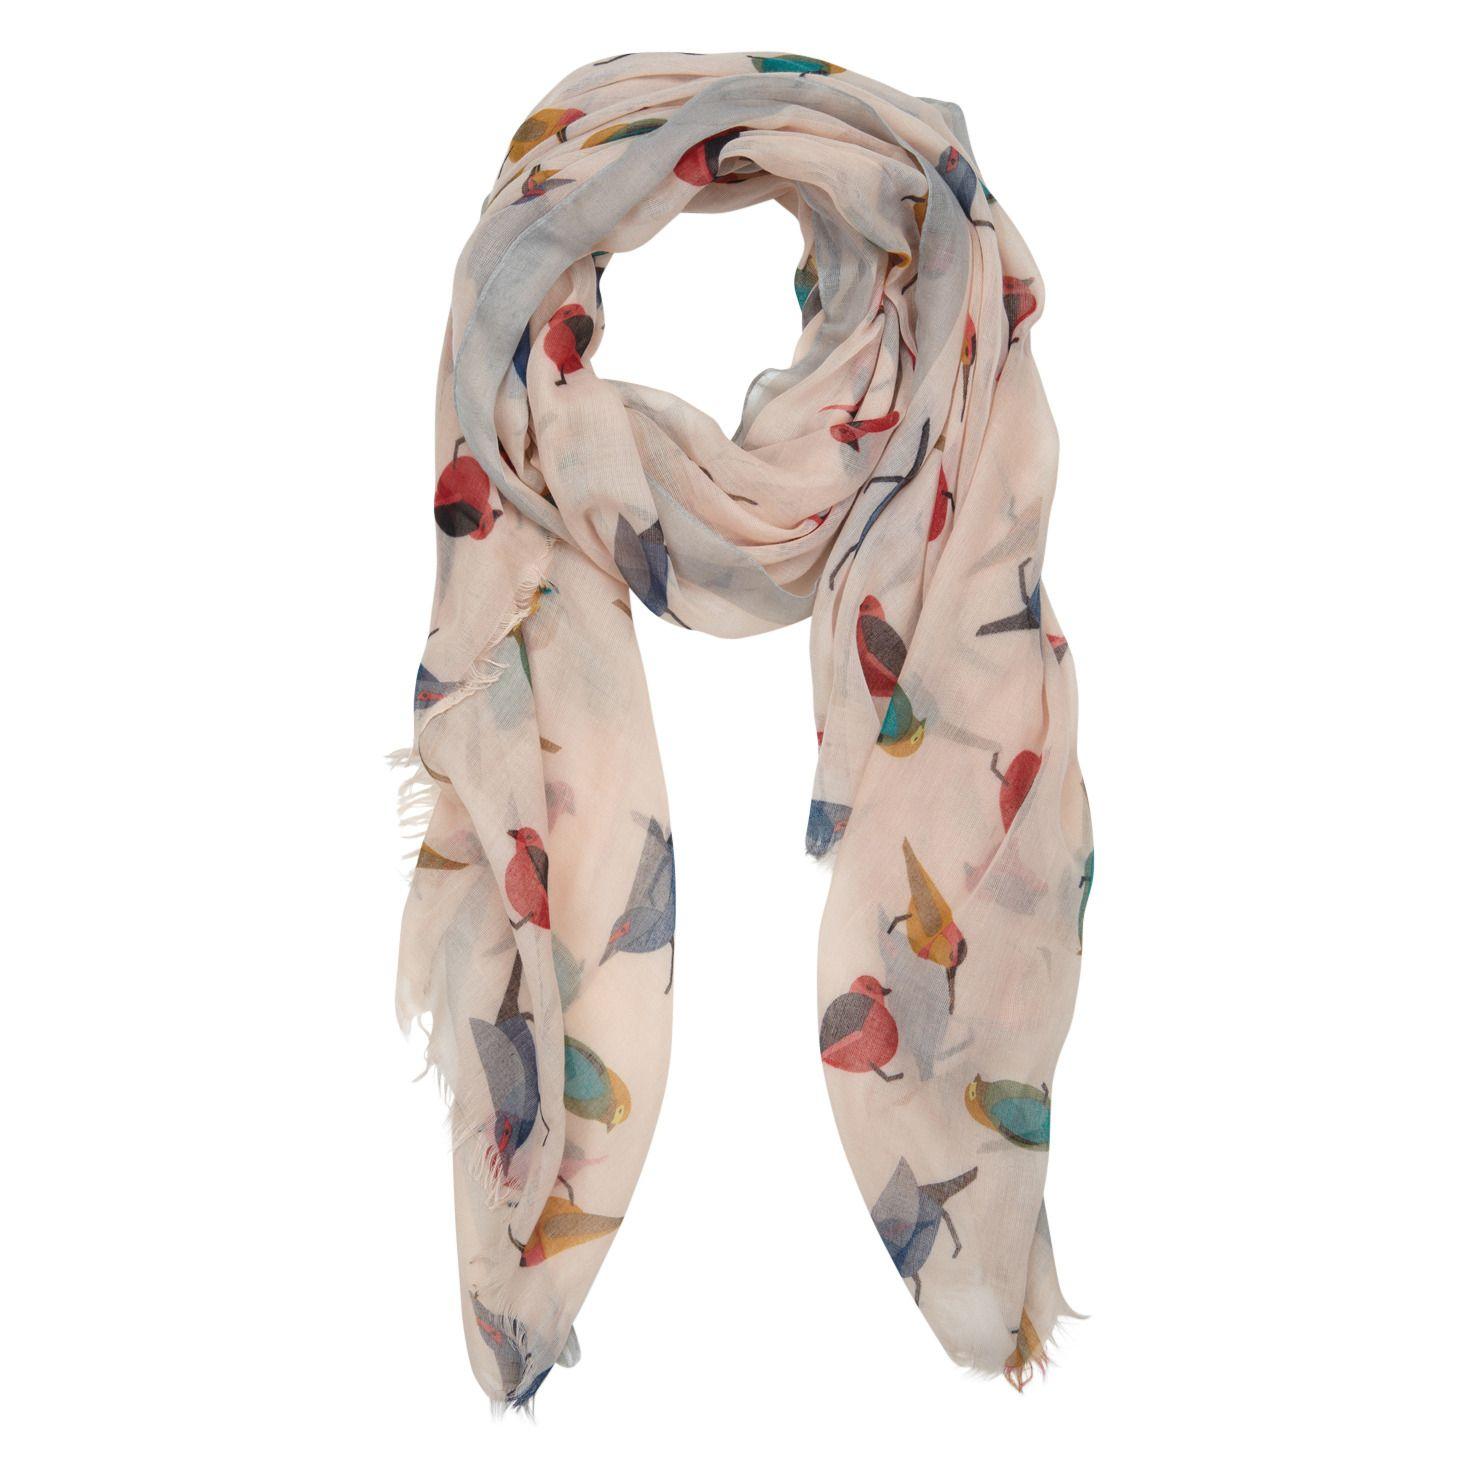 ferro aldo shoes plaid scarf shawl poncho